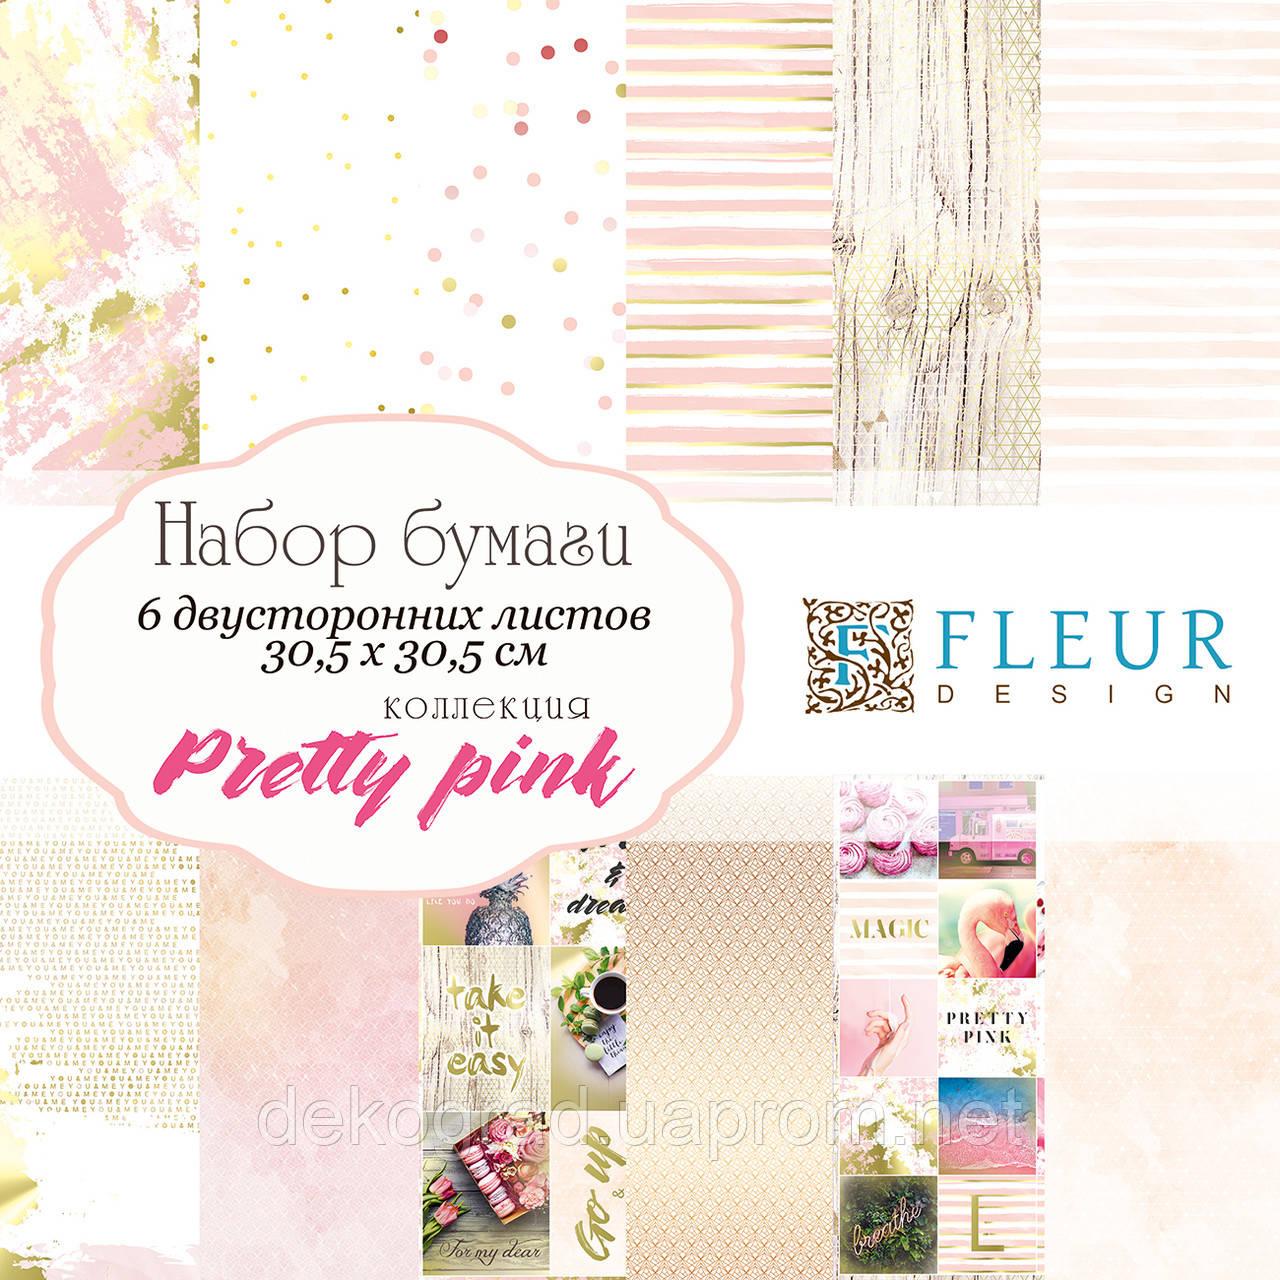 """Набор бумаги """"Pretty pink"""" 30,5х30,5, 6 двусторонних листов"""